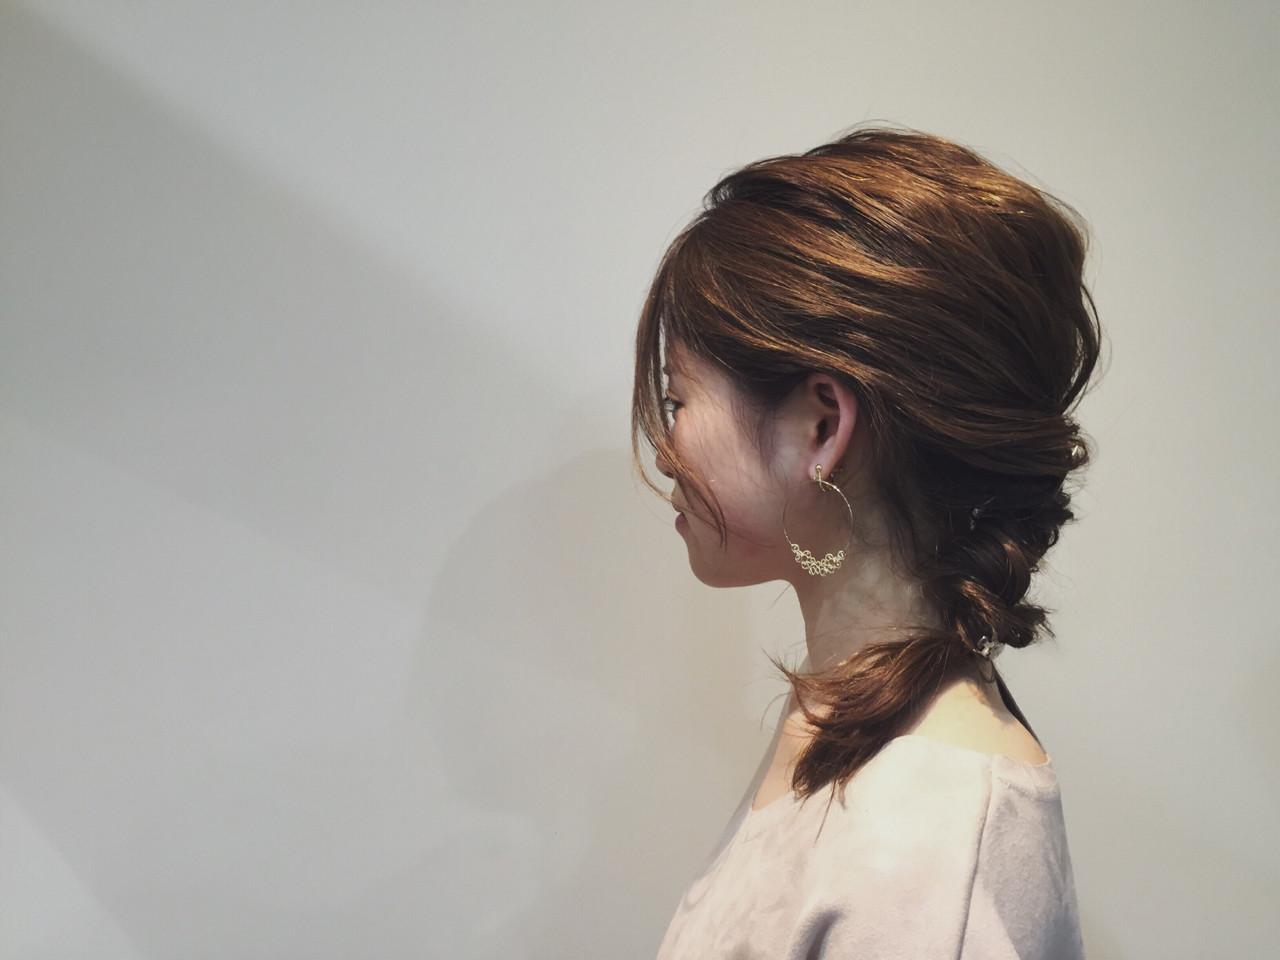 大人女子 ヘアアレンジ アンニュイ セミロング ヘアスタイルや髪型の写真・画像